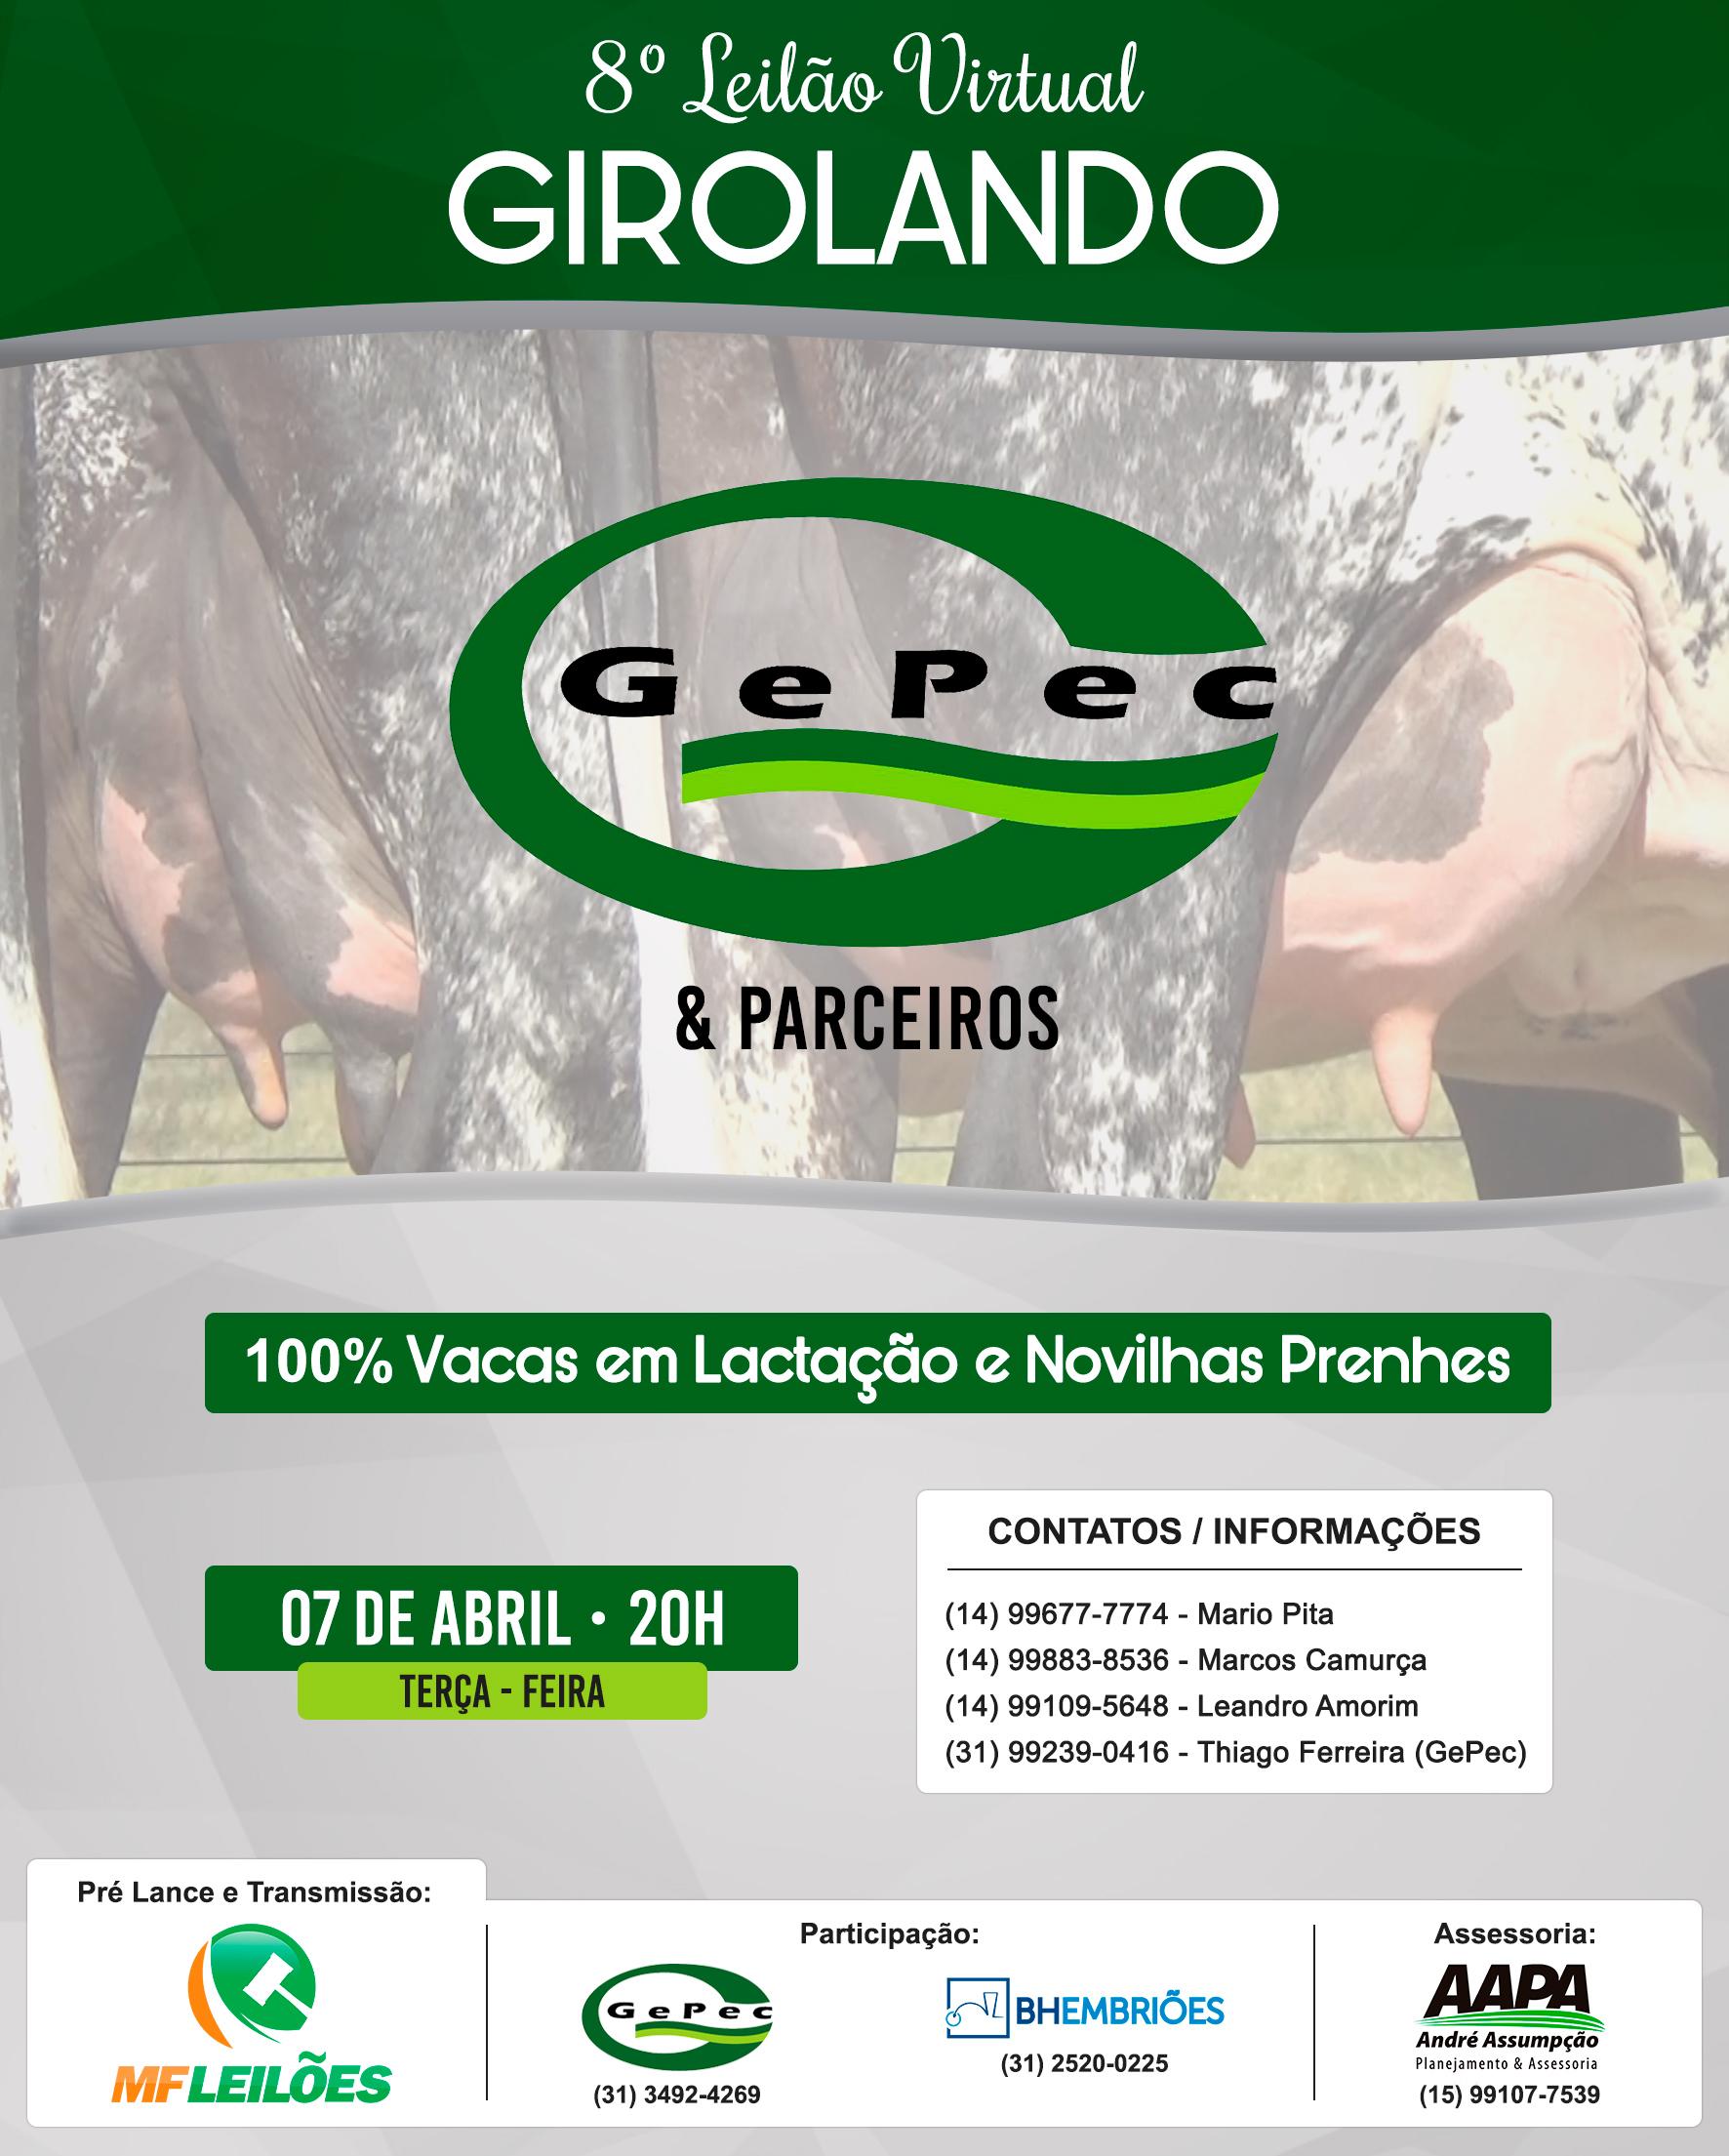 SAVE THE DATE:  Leilão Virtual Girolando Gepec e Parceiros em 2020